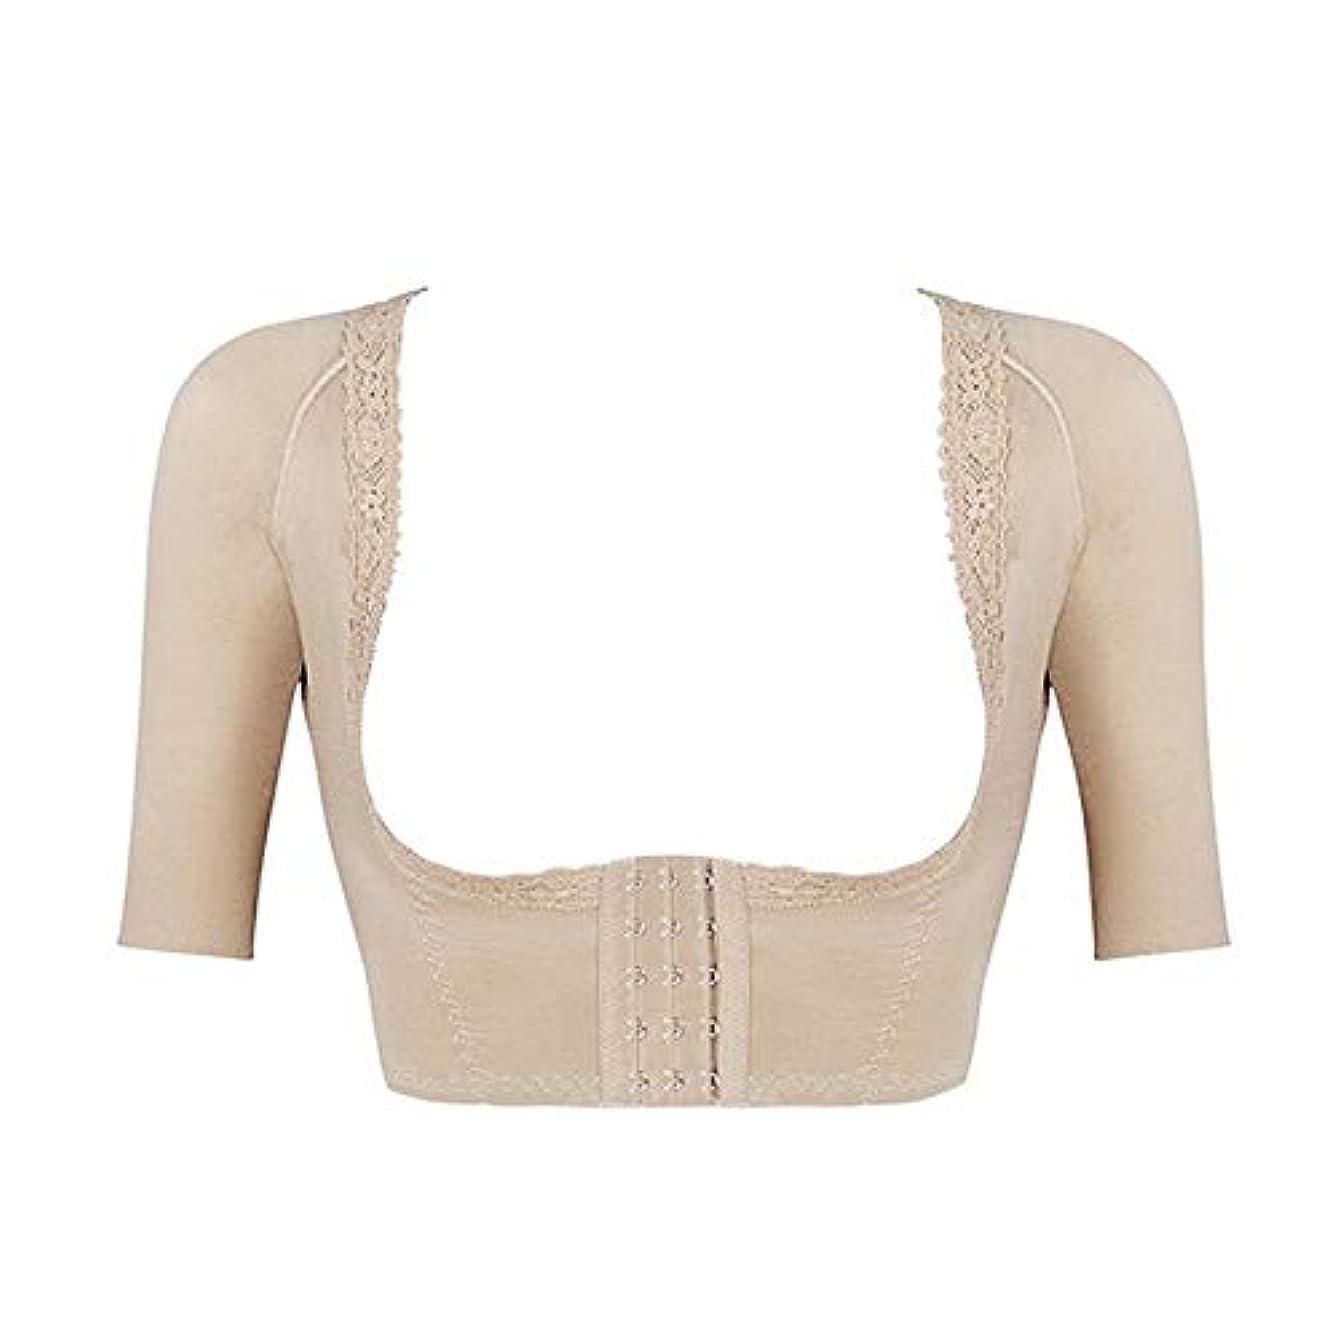 見物人簡単に宿命女性のボディシェイパートップス快適な女性の腕の脂肪燃焼乳房リフトシェイプウェアスリムトレーナーコルセット-スキンカラー-70